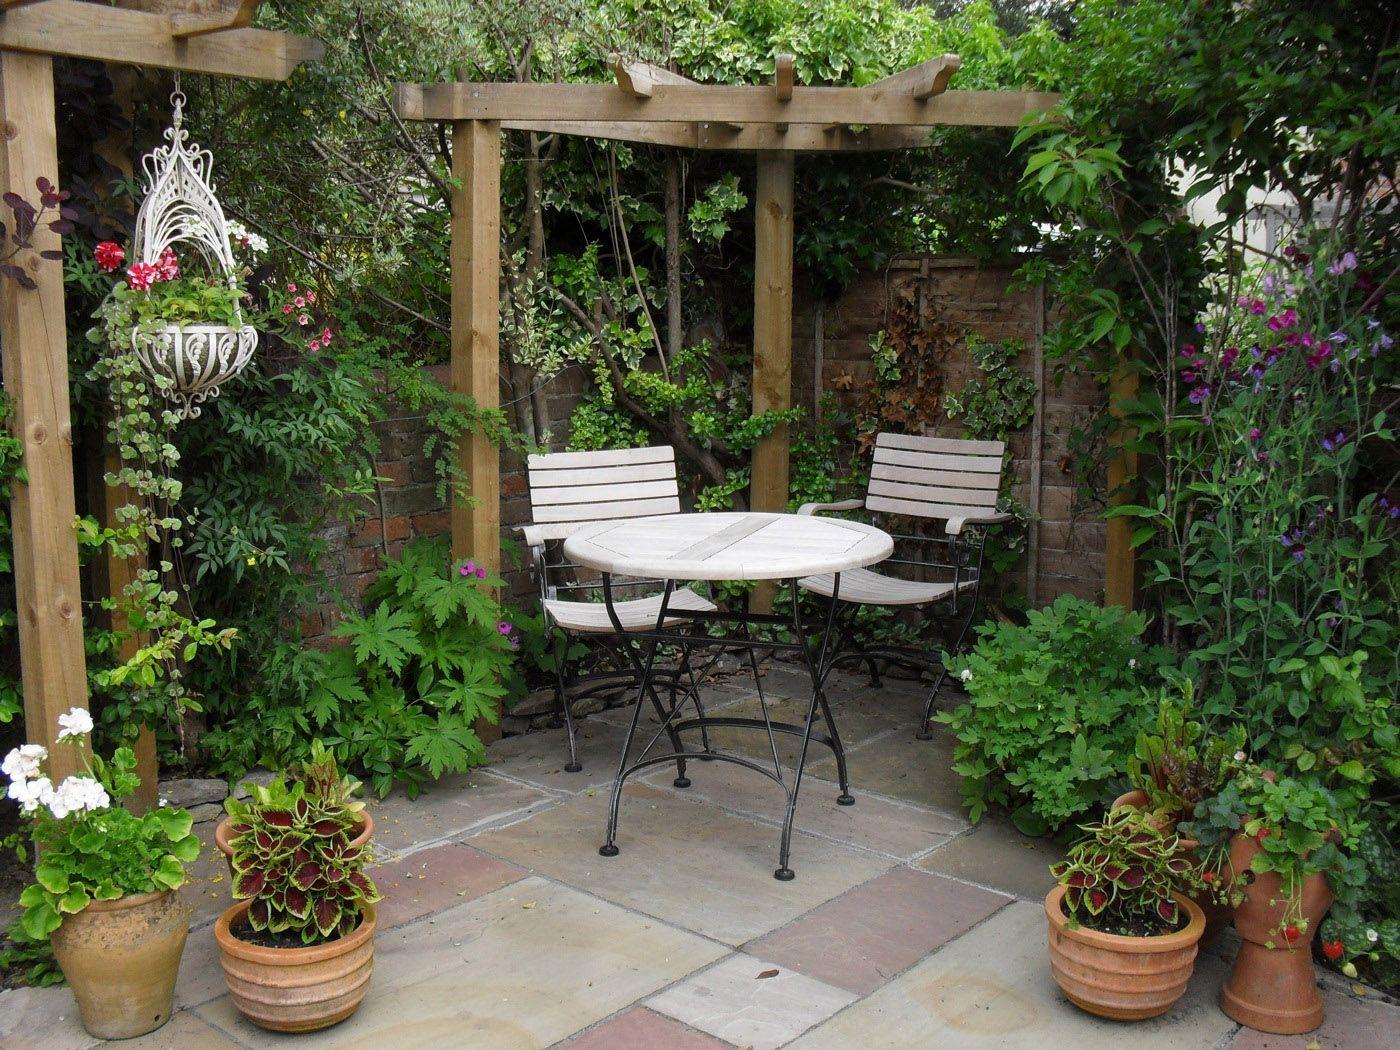 10 Tiny Patio Garden Ideas Most Elegant And Also Stunning In 2020 Small Courtyard Gardens Small Patio Garden Small Garden Pergola